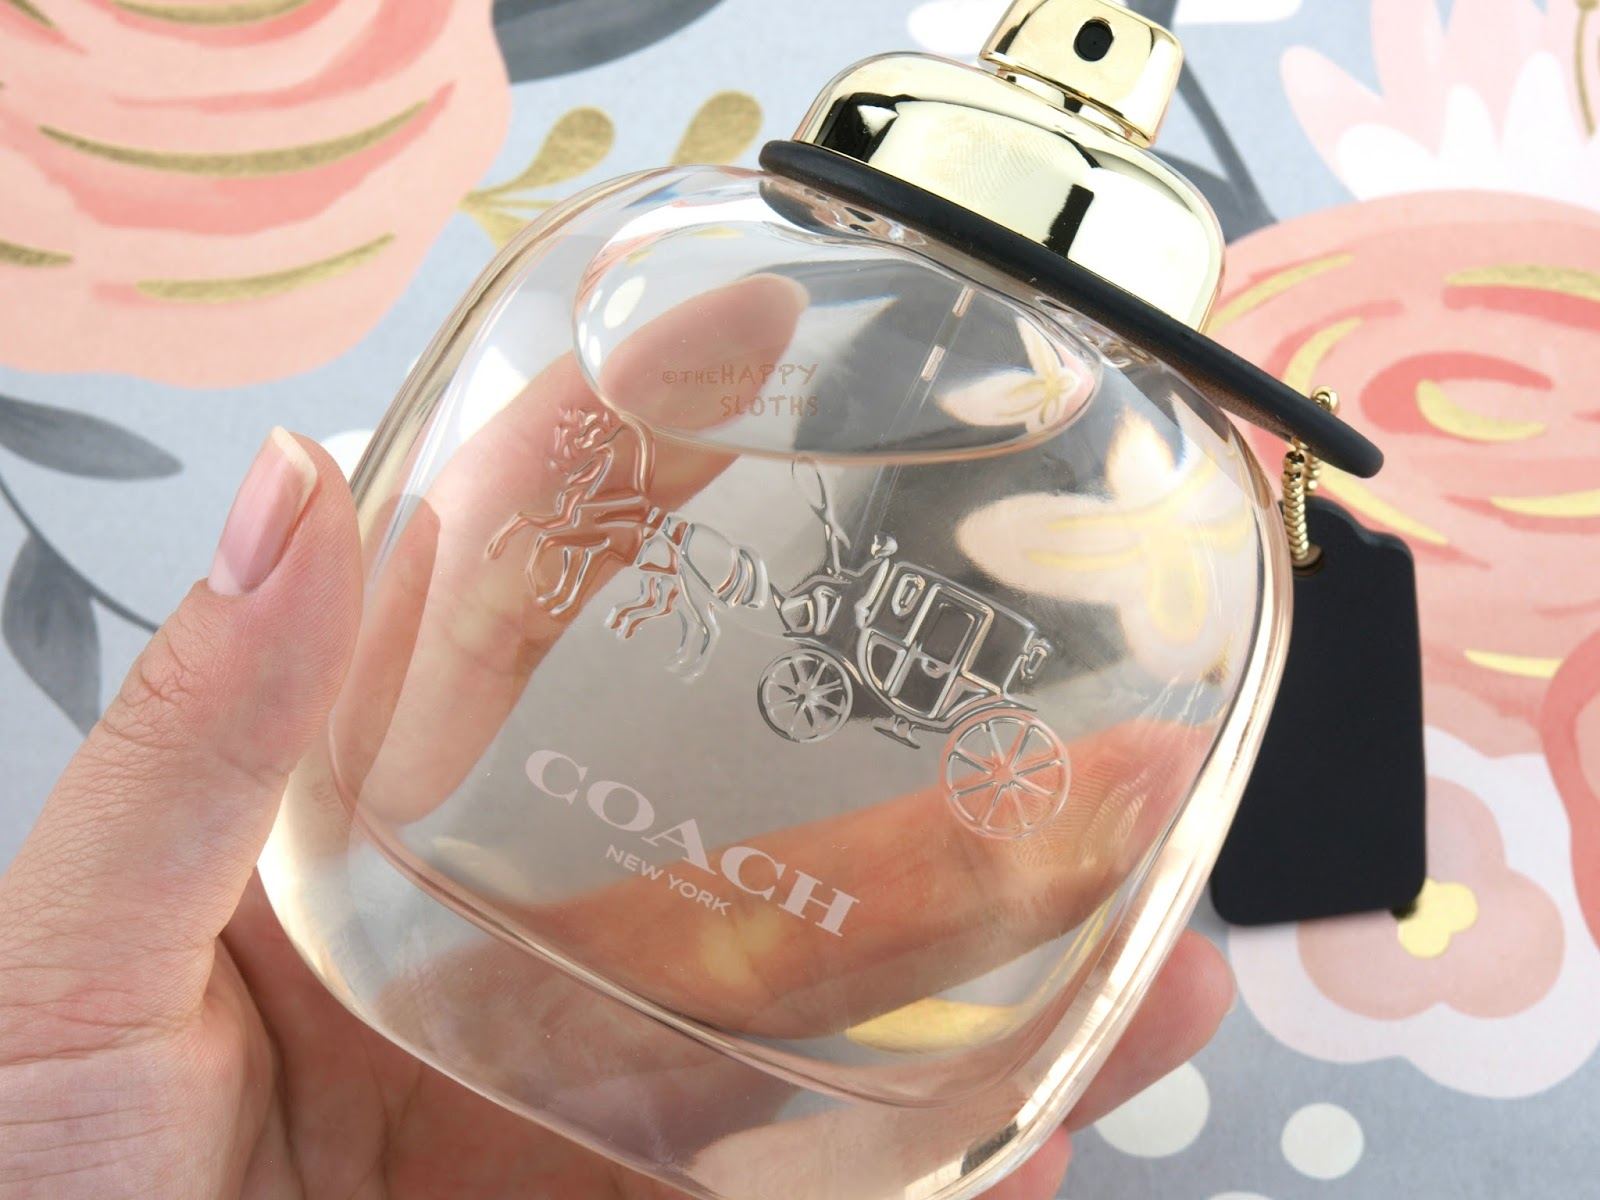 Coach The Fragrance Eau De Parfum Review The Happy Sloths Beauty